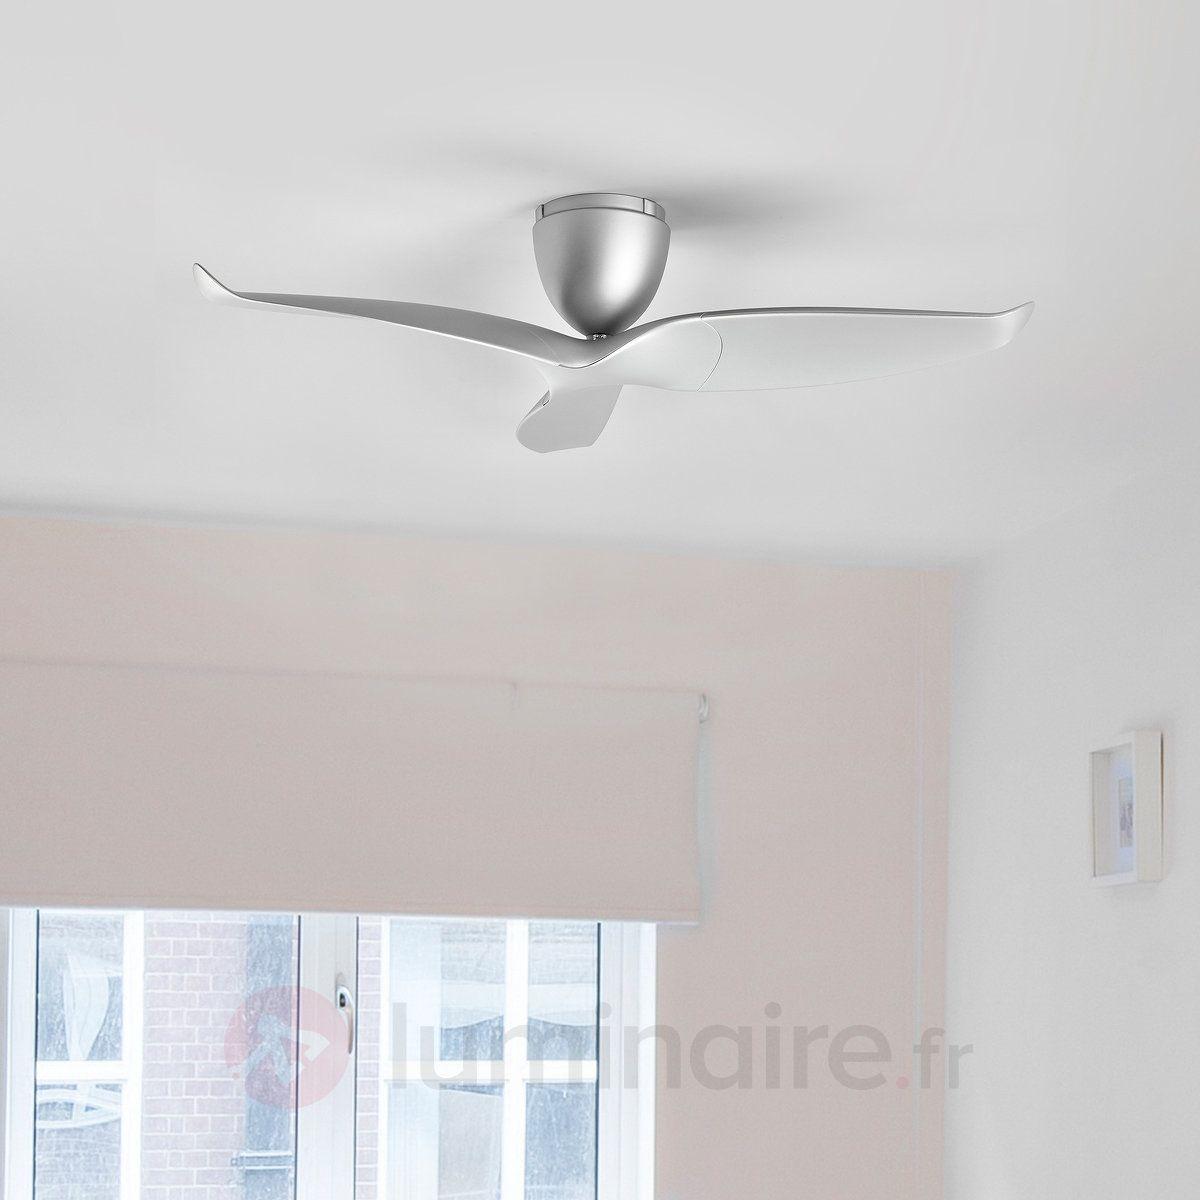 Ventilateur Plafond Airvolution A 3 Pales Argente Ventilateur Plafond Ventilateur Plafond Design Et Plafond Design